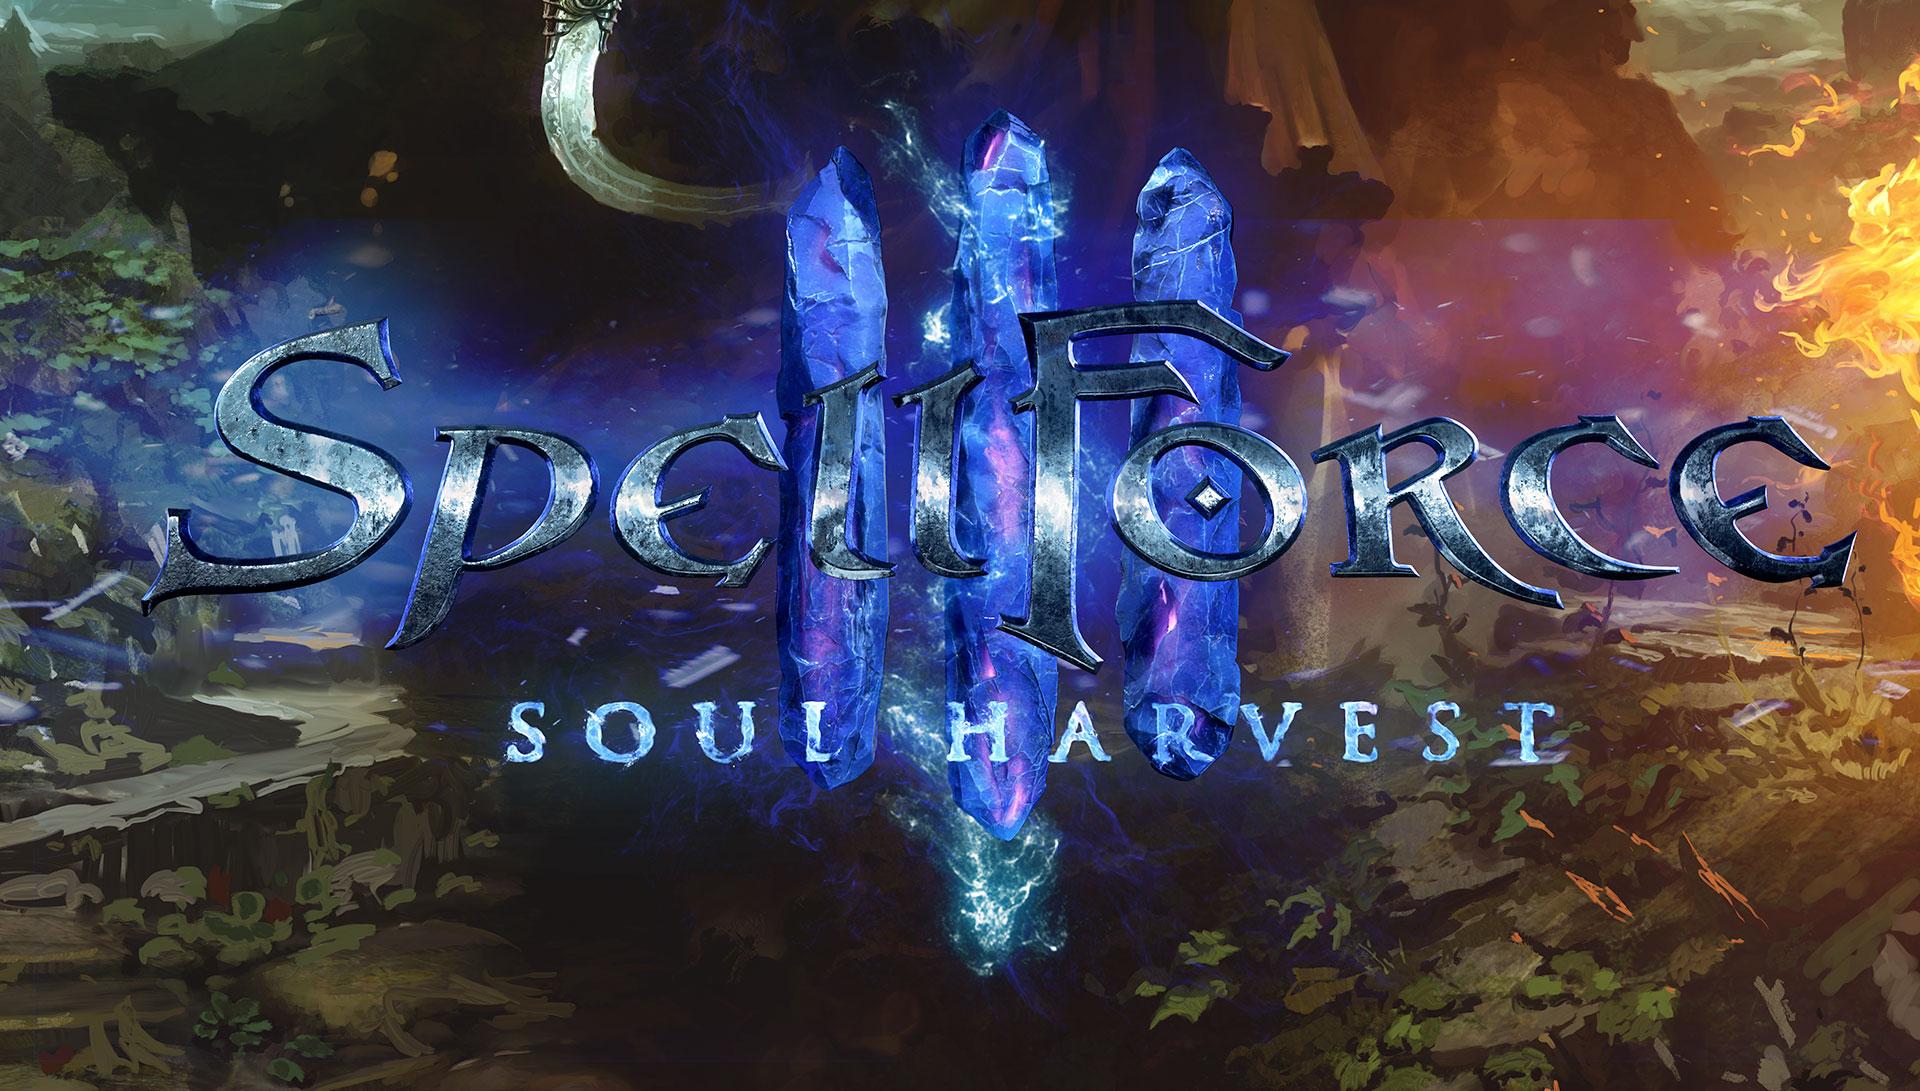 """Résultat de recherche d'images pour """"spellforce 3 soul harvest"""""""